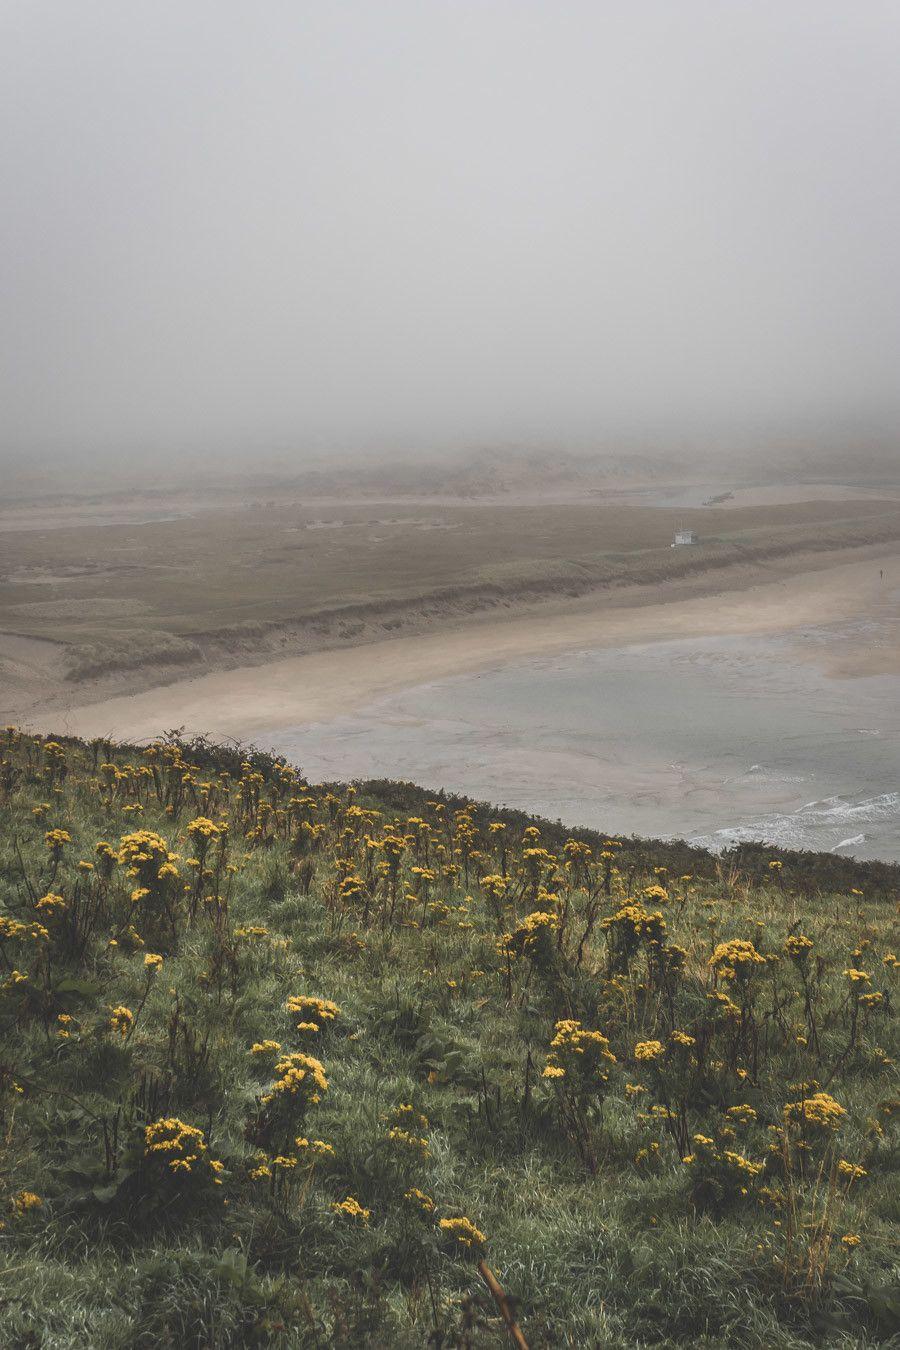 La péninsule de Mizen Head dans le comté de Cork